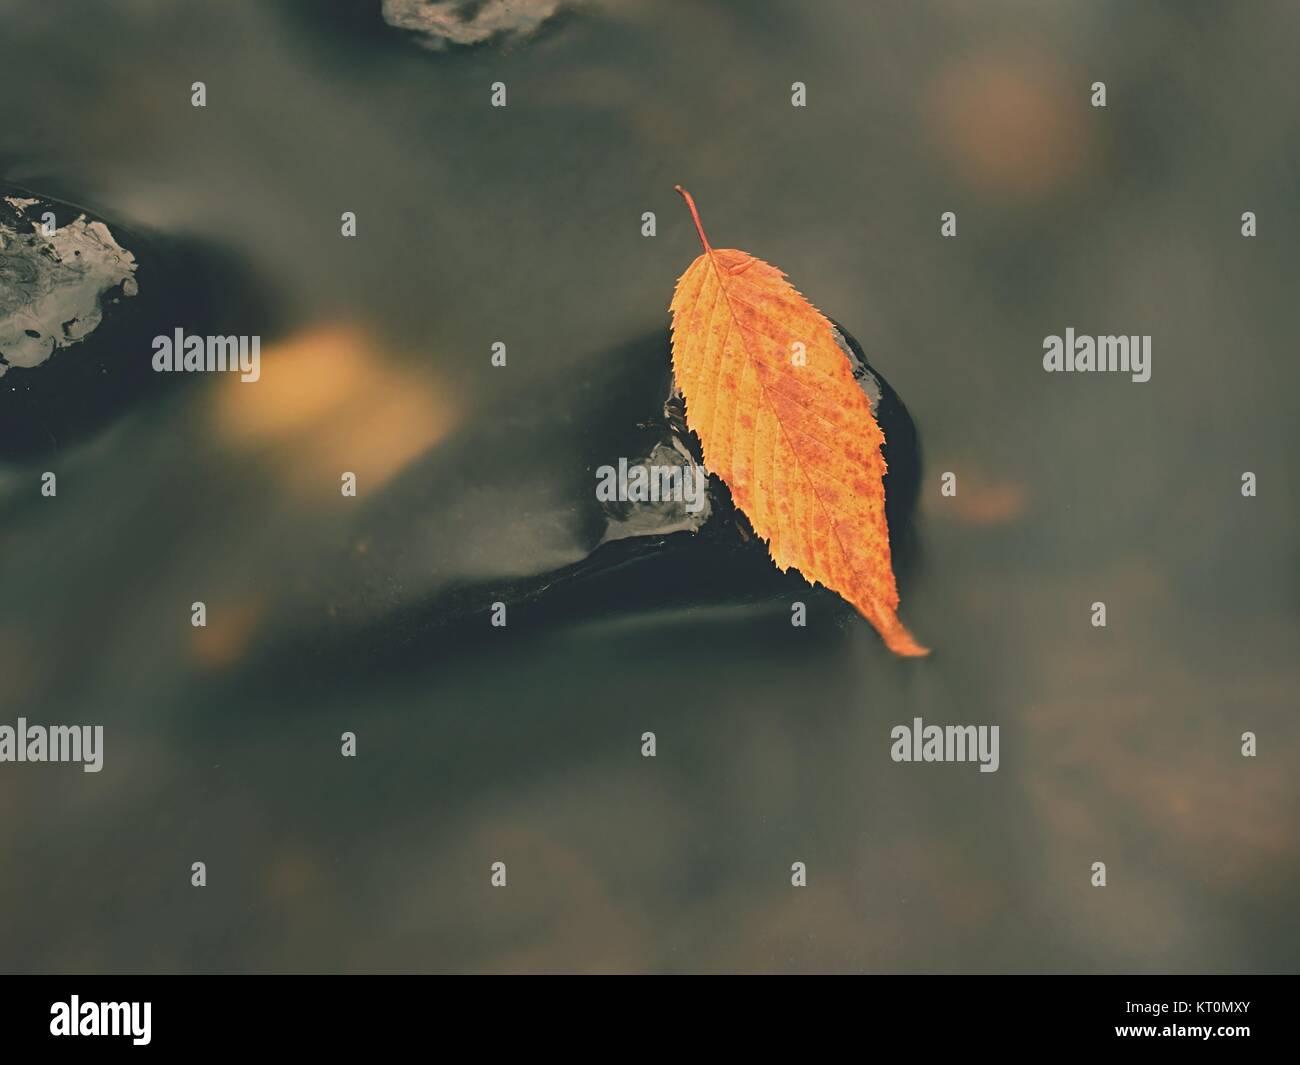 Naranja amarillo podrido viejo hayedo hoja sobre piedras de basalto en la fría agua borrosa de río de Imagen De Stock